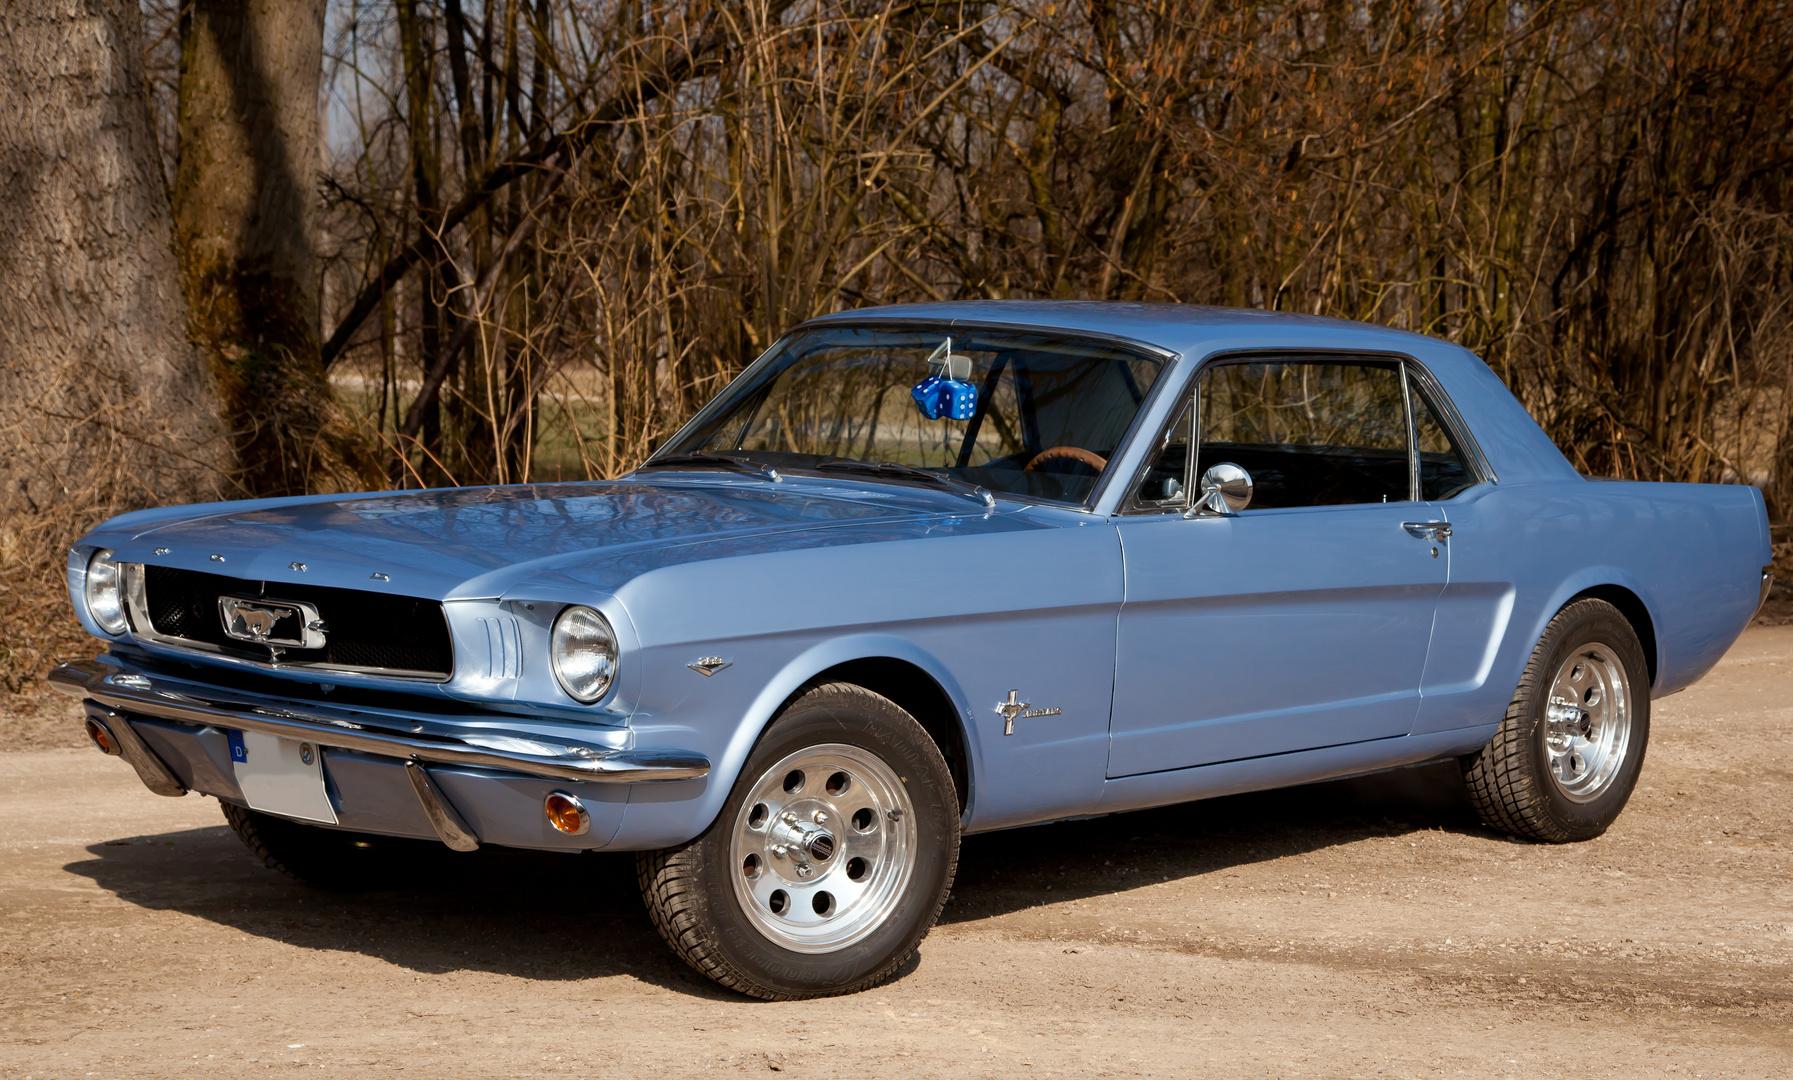 Eines der schönsten Fotomotive - Ford Mustang